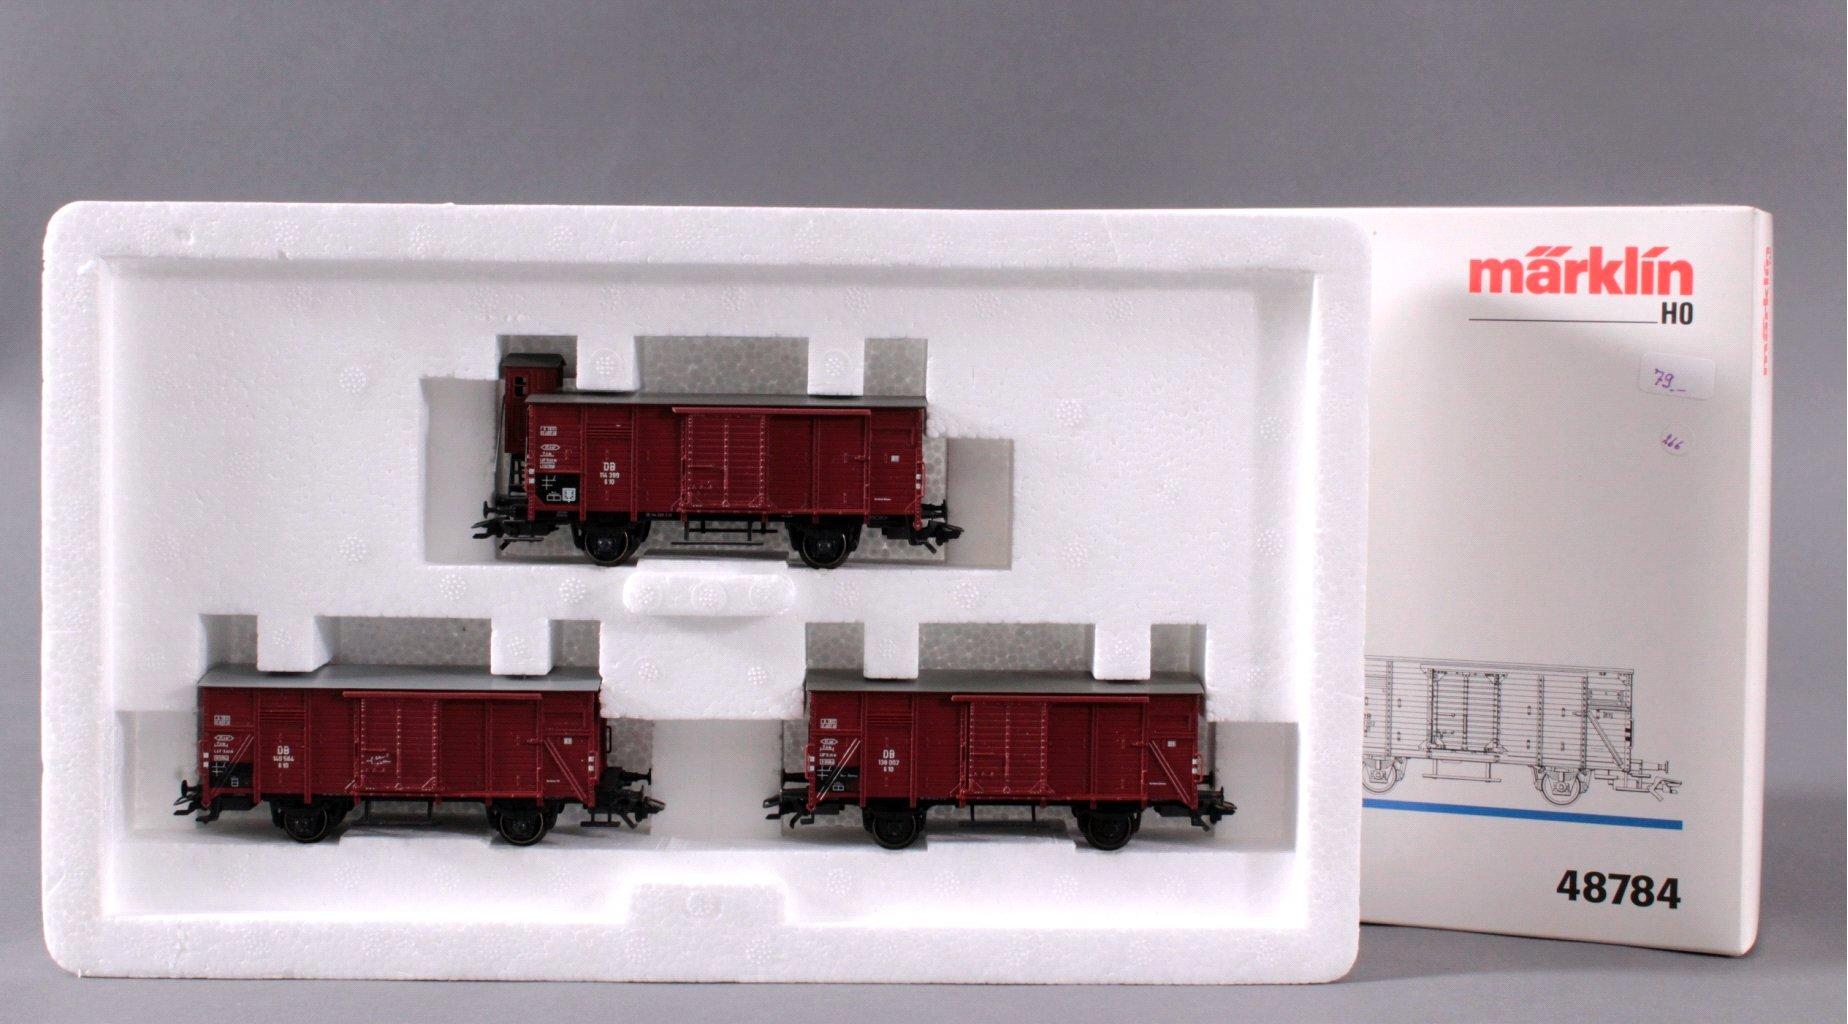 MÄRKLIN H0 48784 Gedeckte Güterwagen G10″ Set, Spur H0